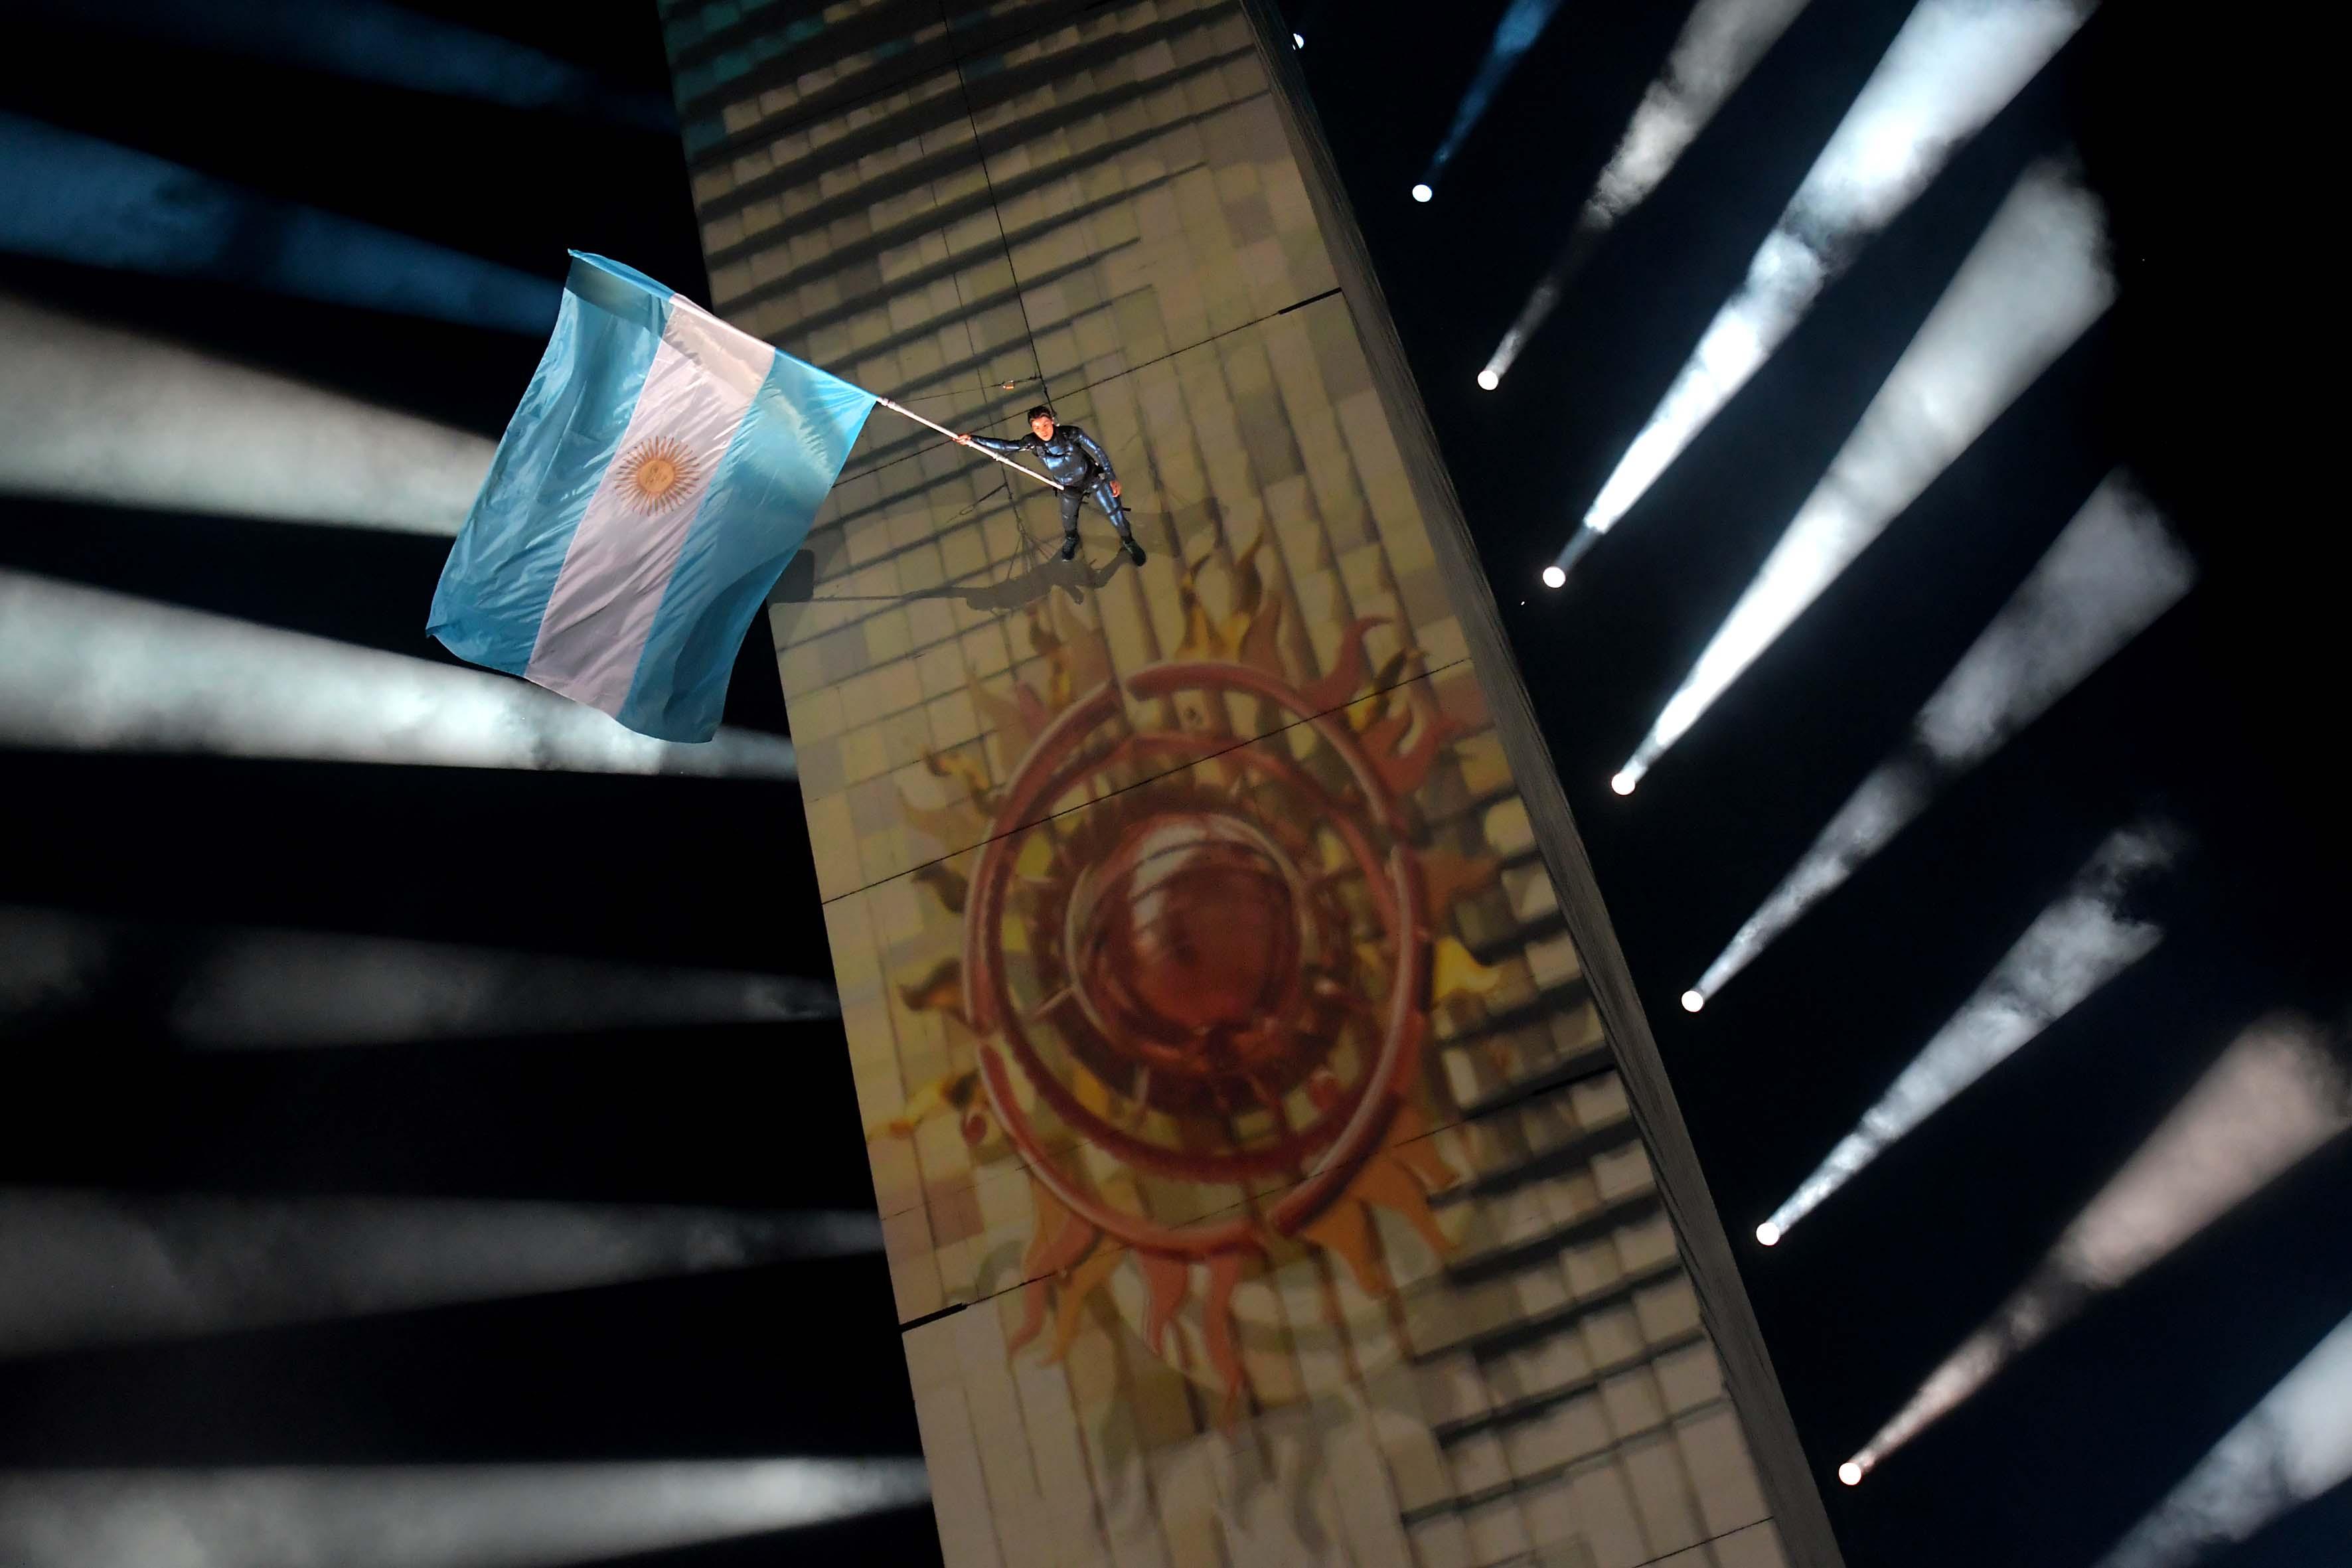 181007 0187 YOG foto SimoneFerraro 181007 186 YOG foto SimoneFerraro SFB_9842 copia